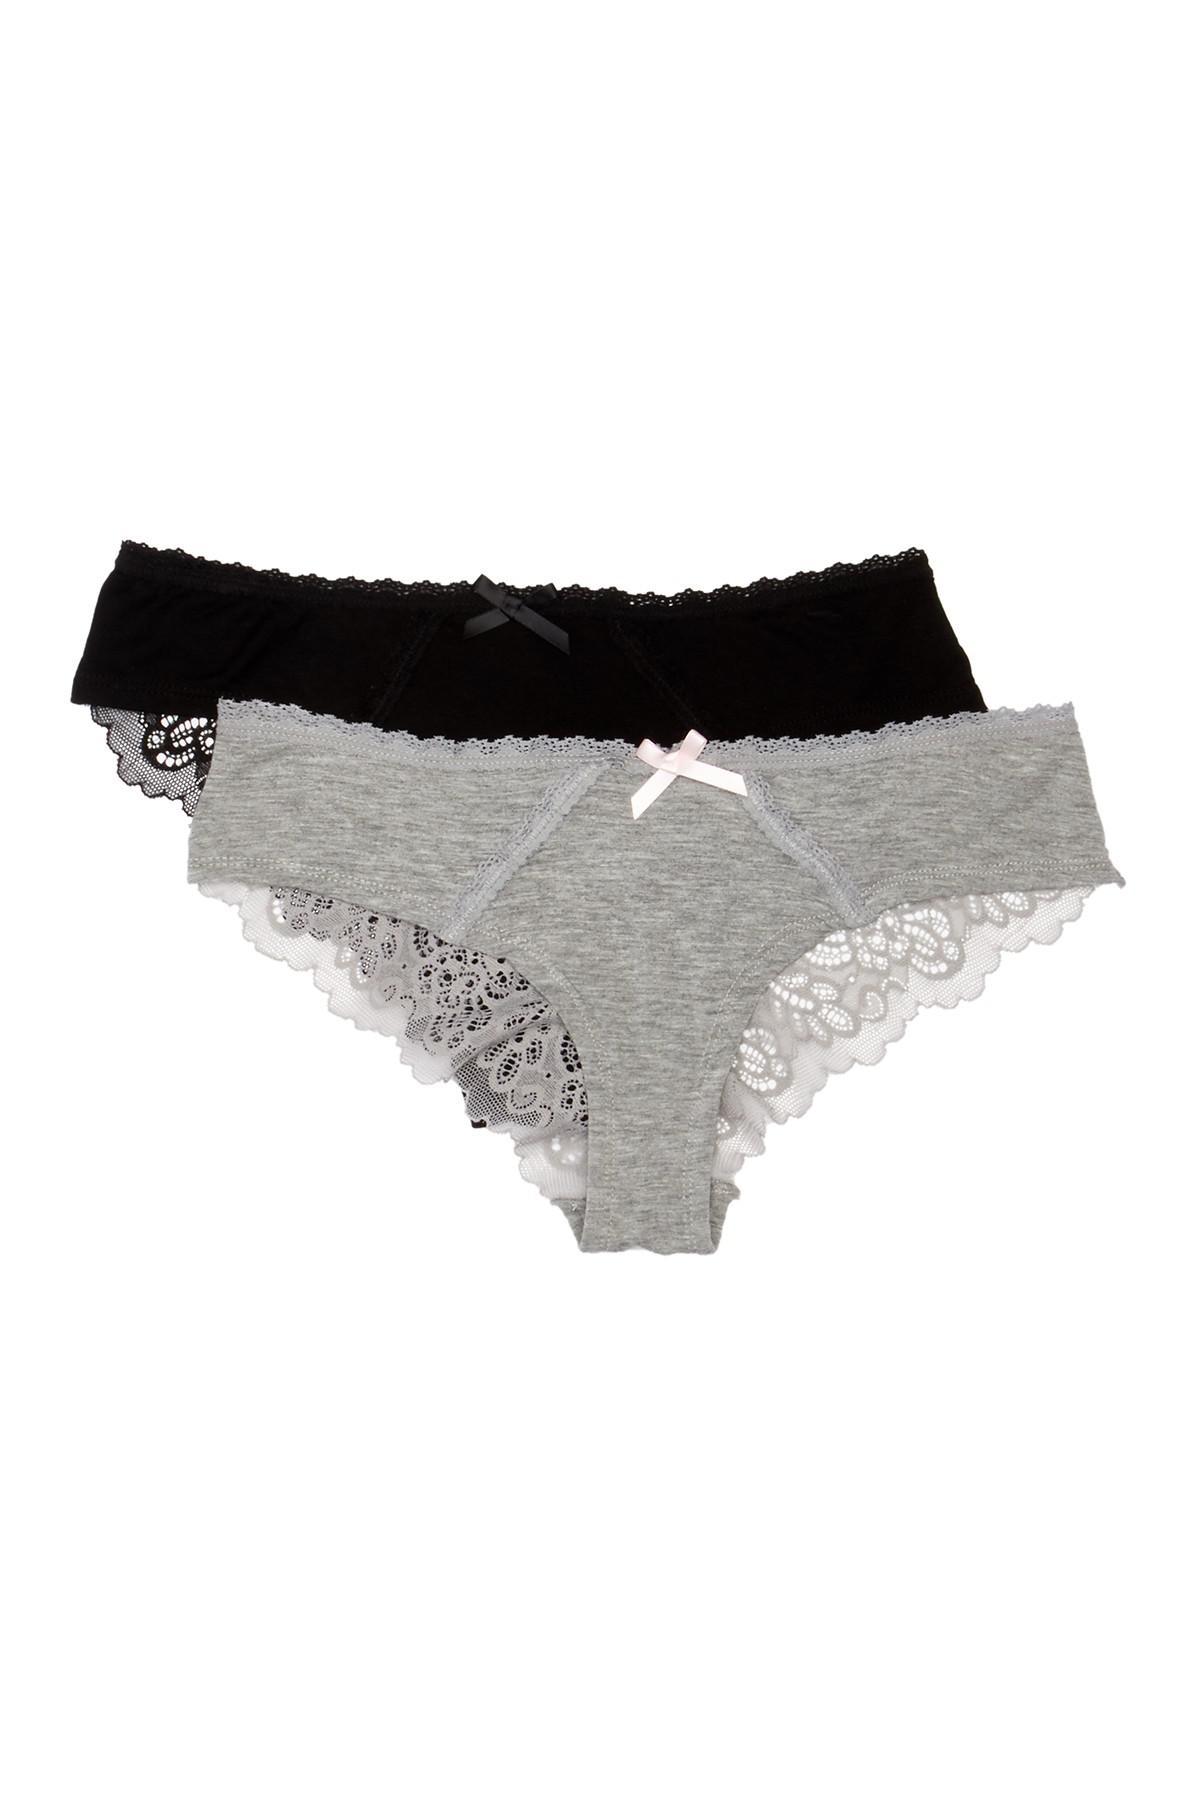 Lyst honeydew intimates bri hipster panties pack of in black jpg 1200x1800  Honeydew intimates vintage 3be71a0b2